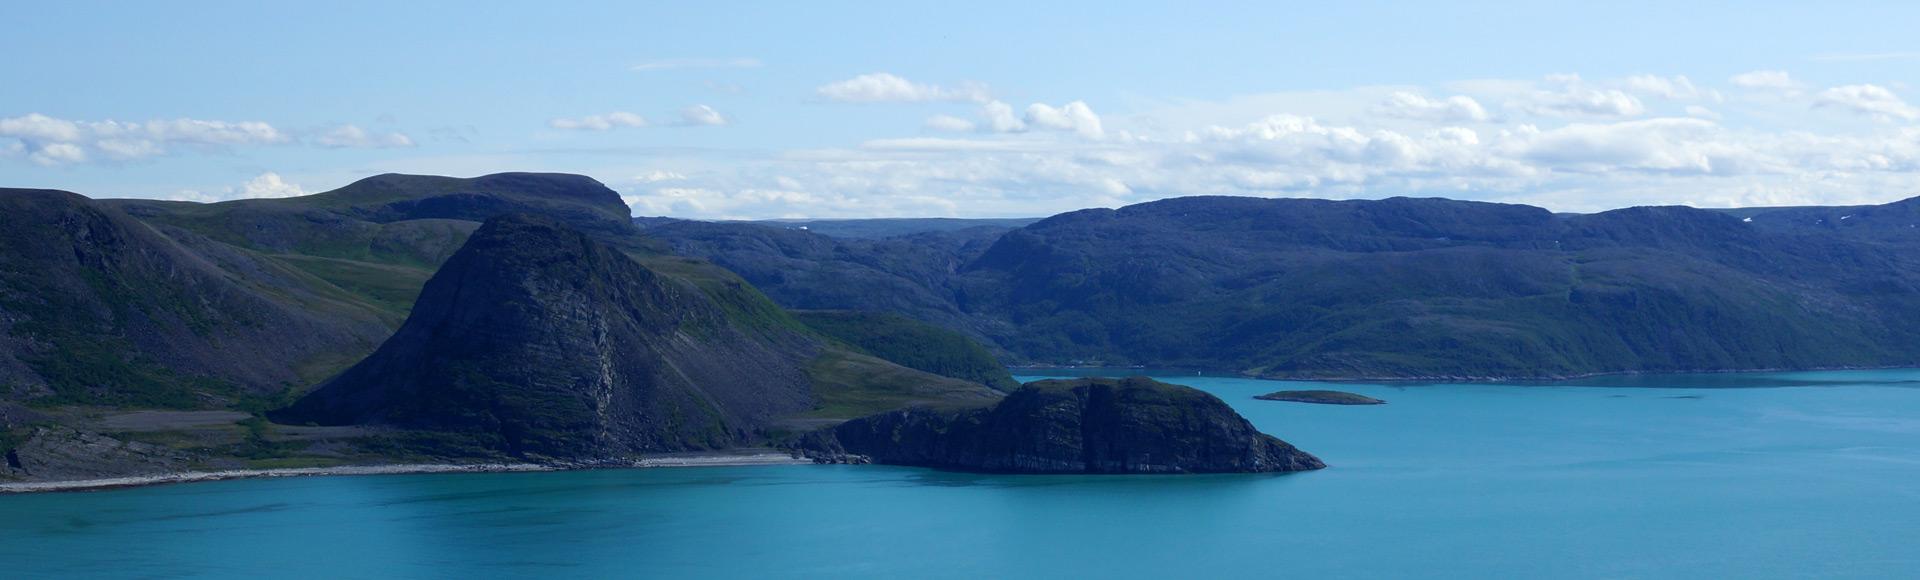 Rene fjorder